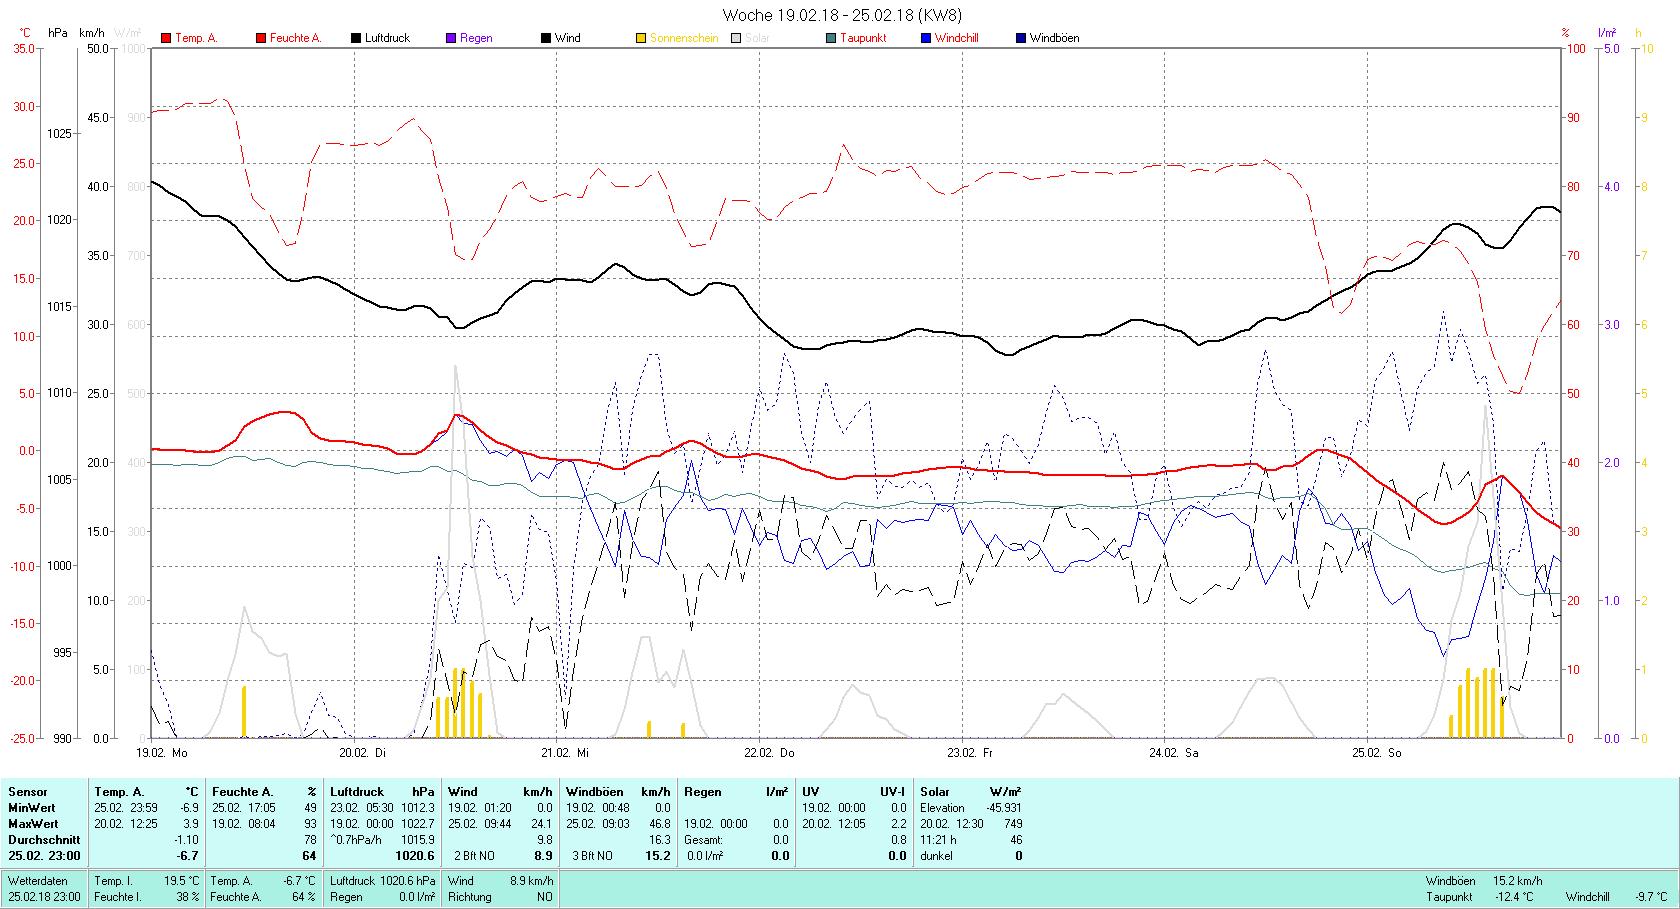 KW 08 Tmin -6.9°C, Tmax 3.9°C, Sonne 11:21 h Niederschlag 0.0 mm2